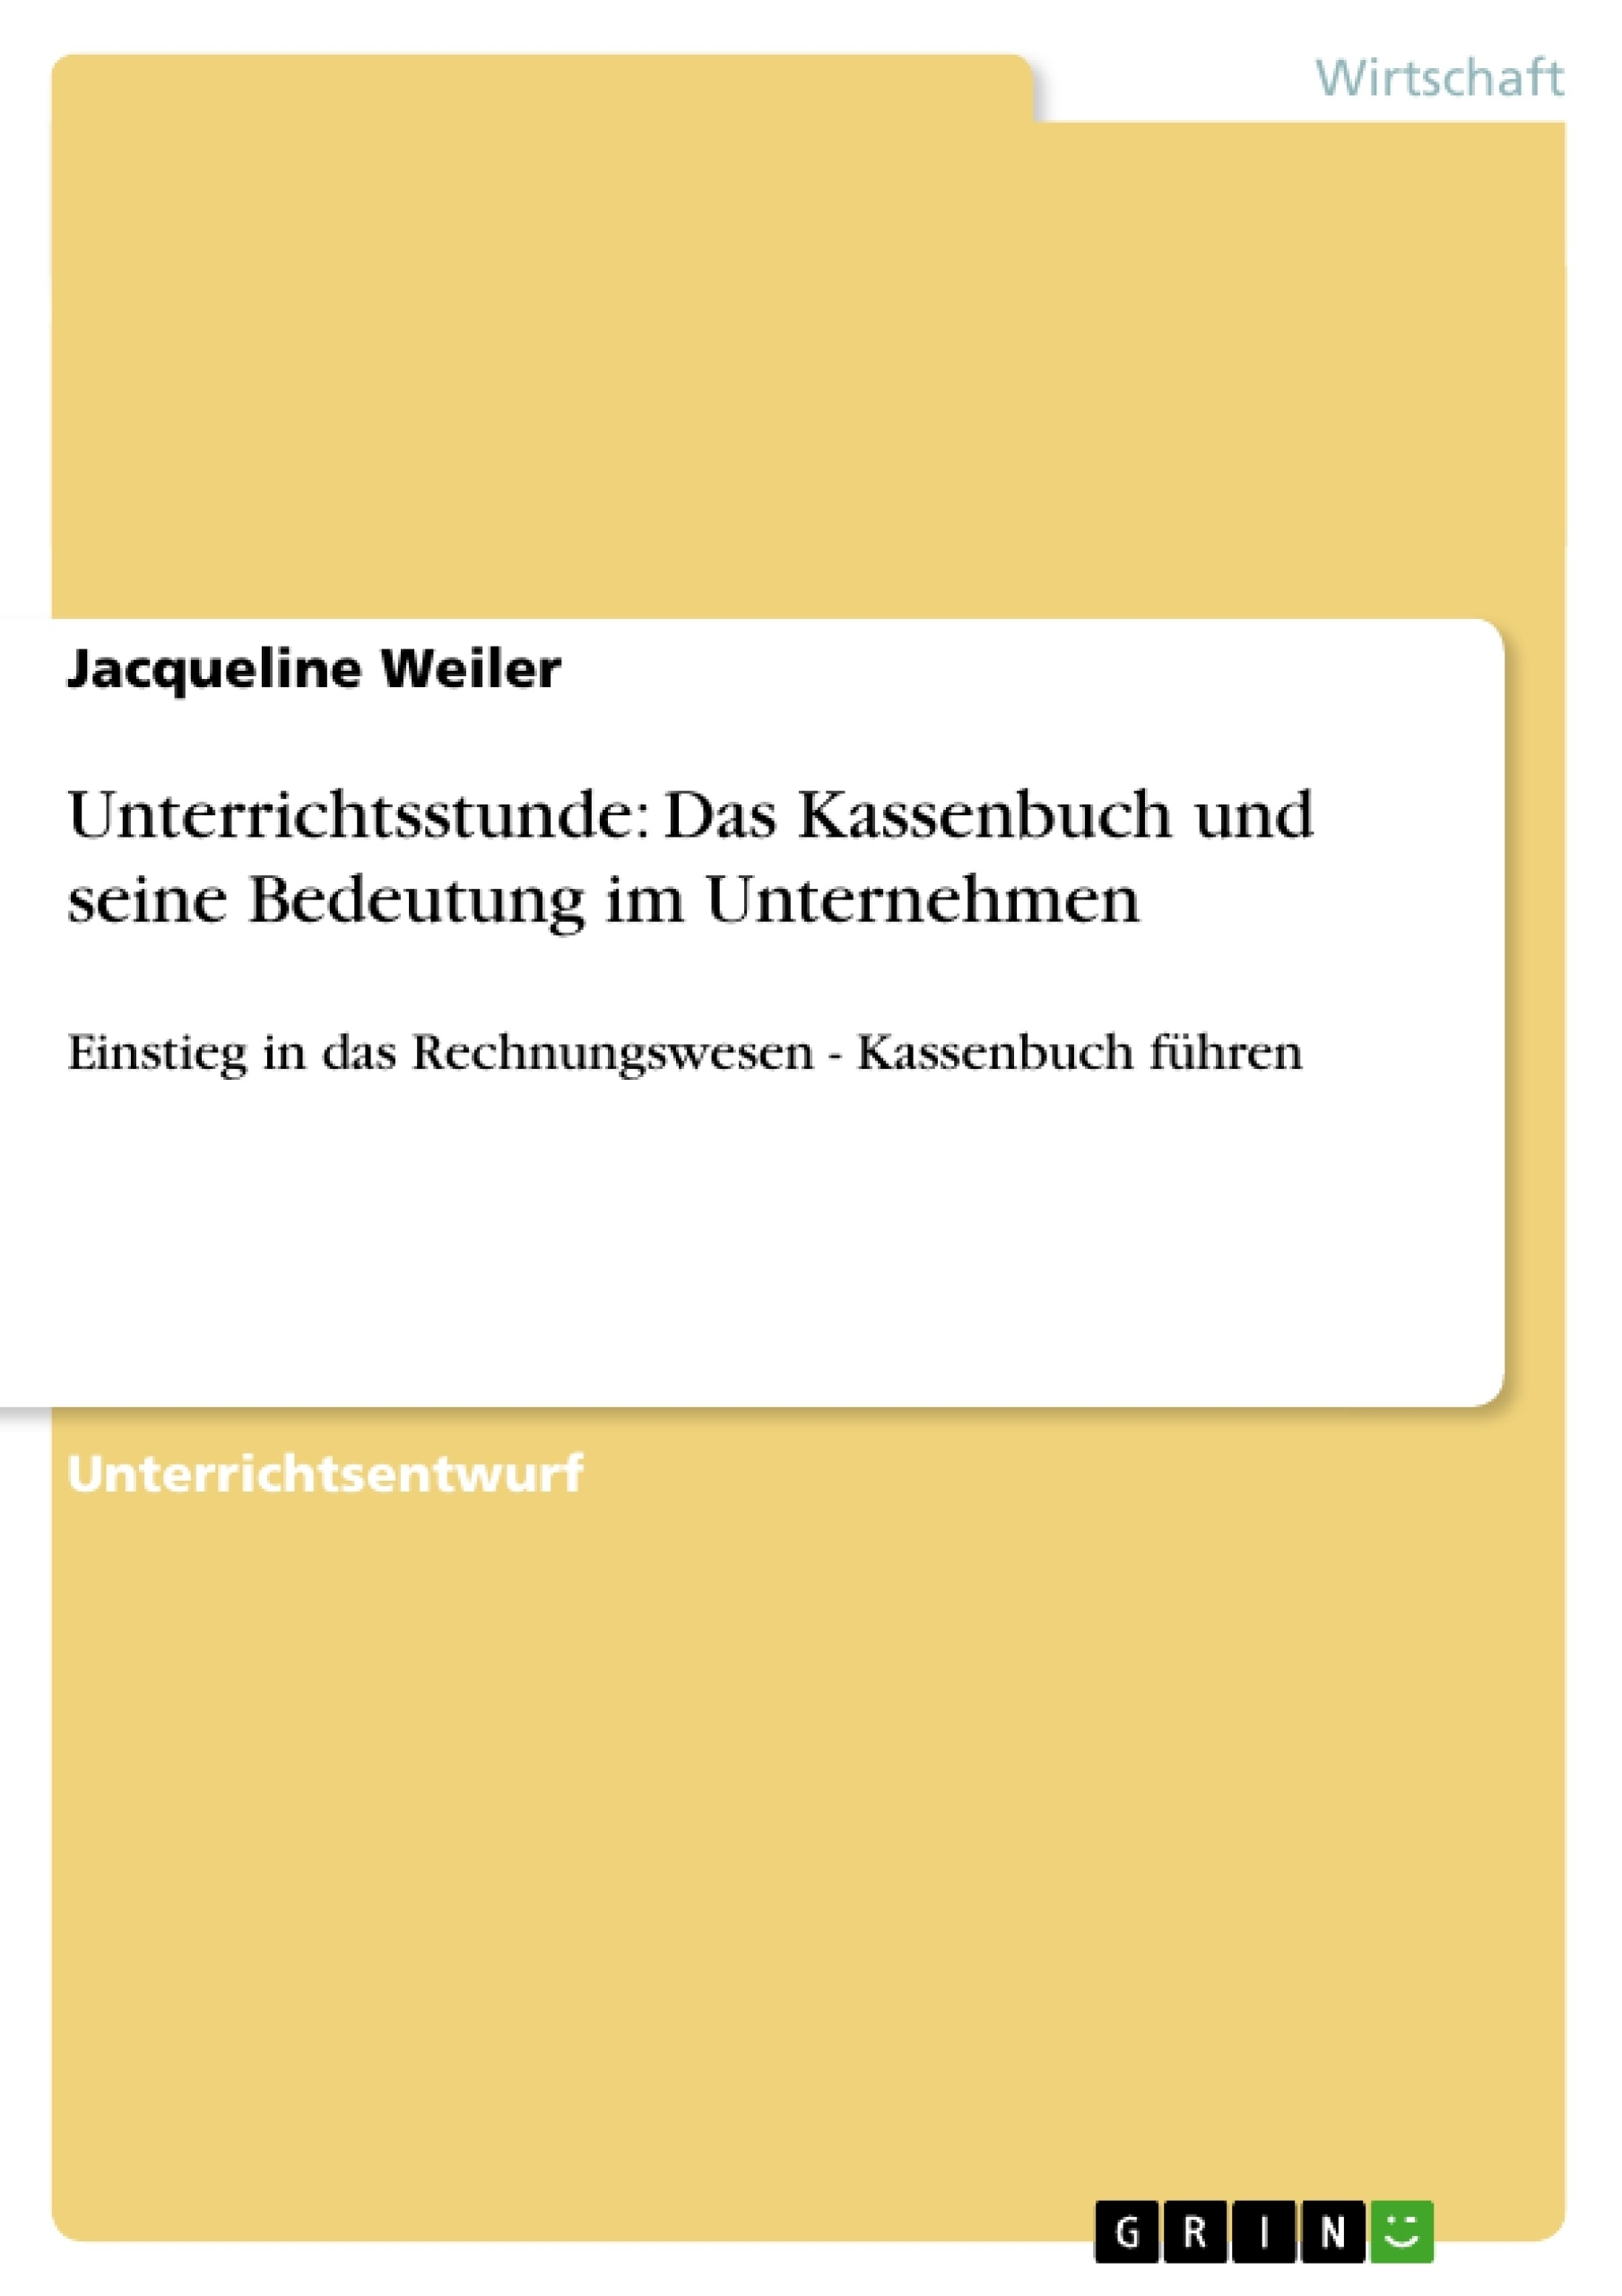 Titel: Unterrichtsstunde: Das Kassenbuch und seine Bedeutung im Unternehmen